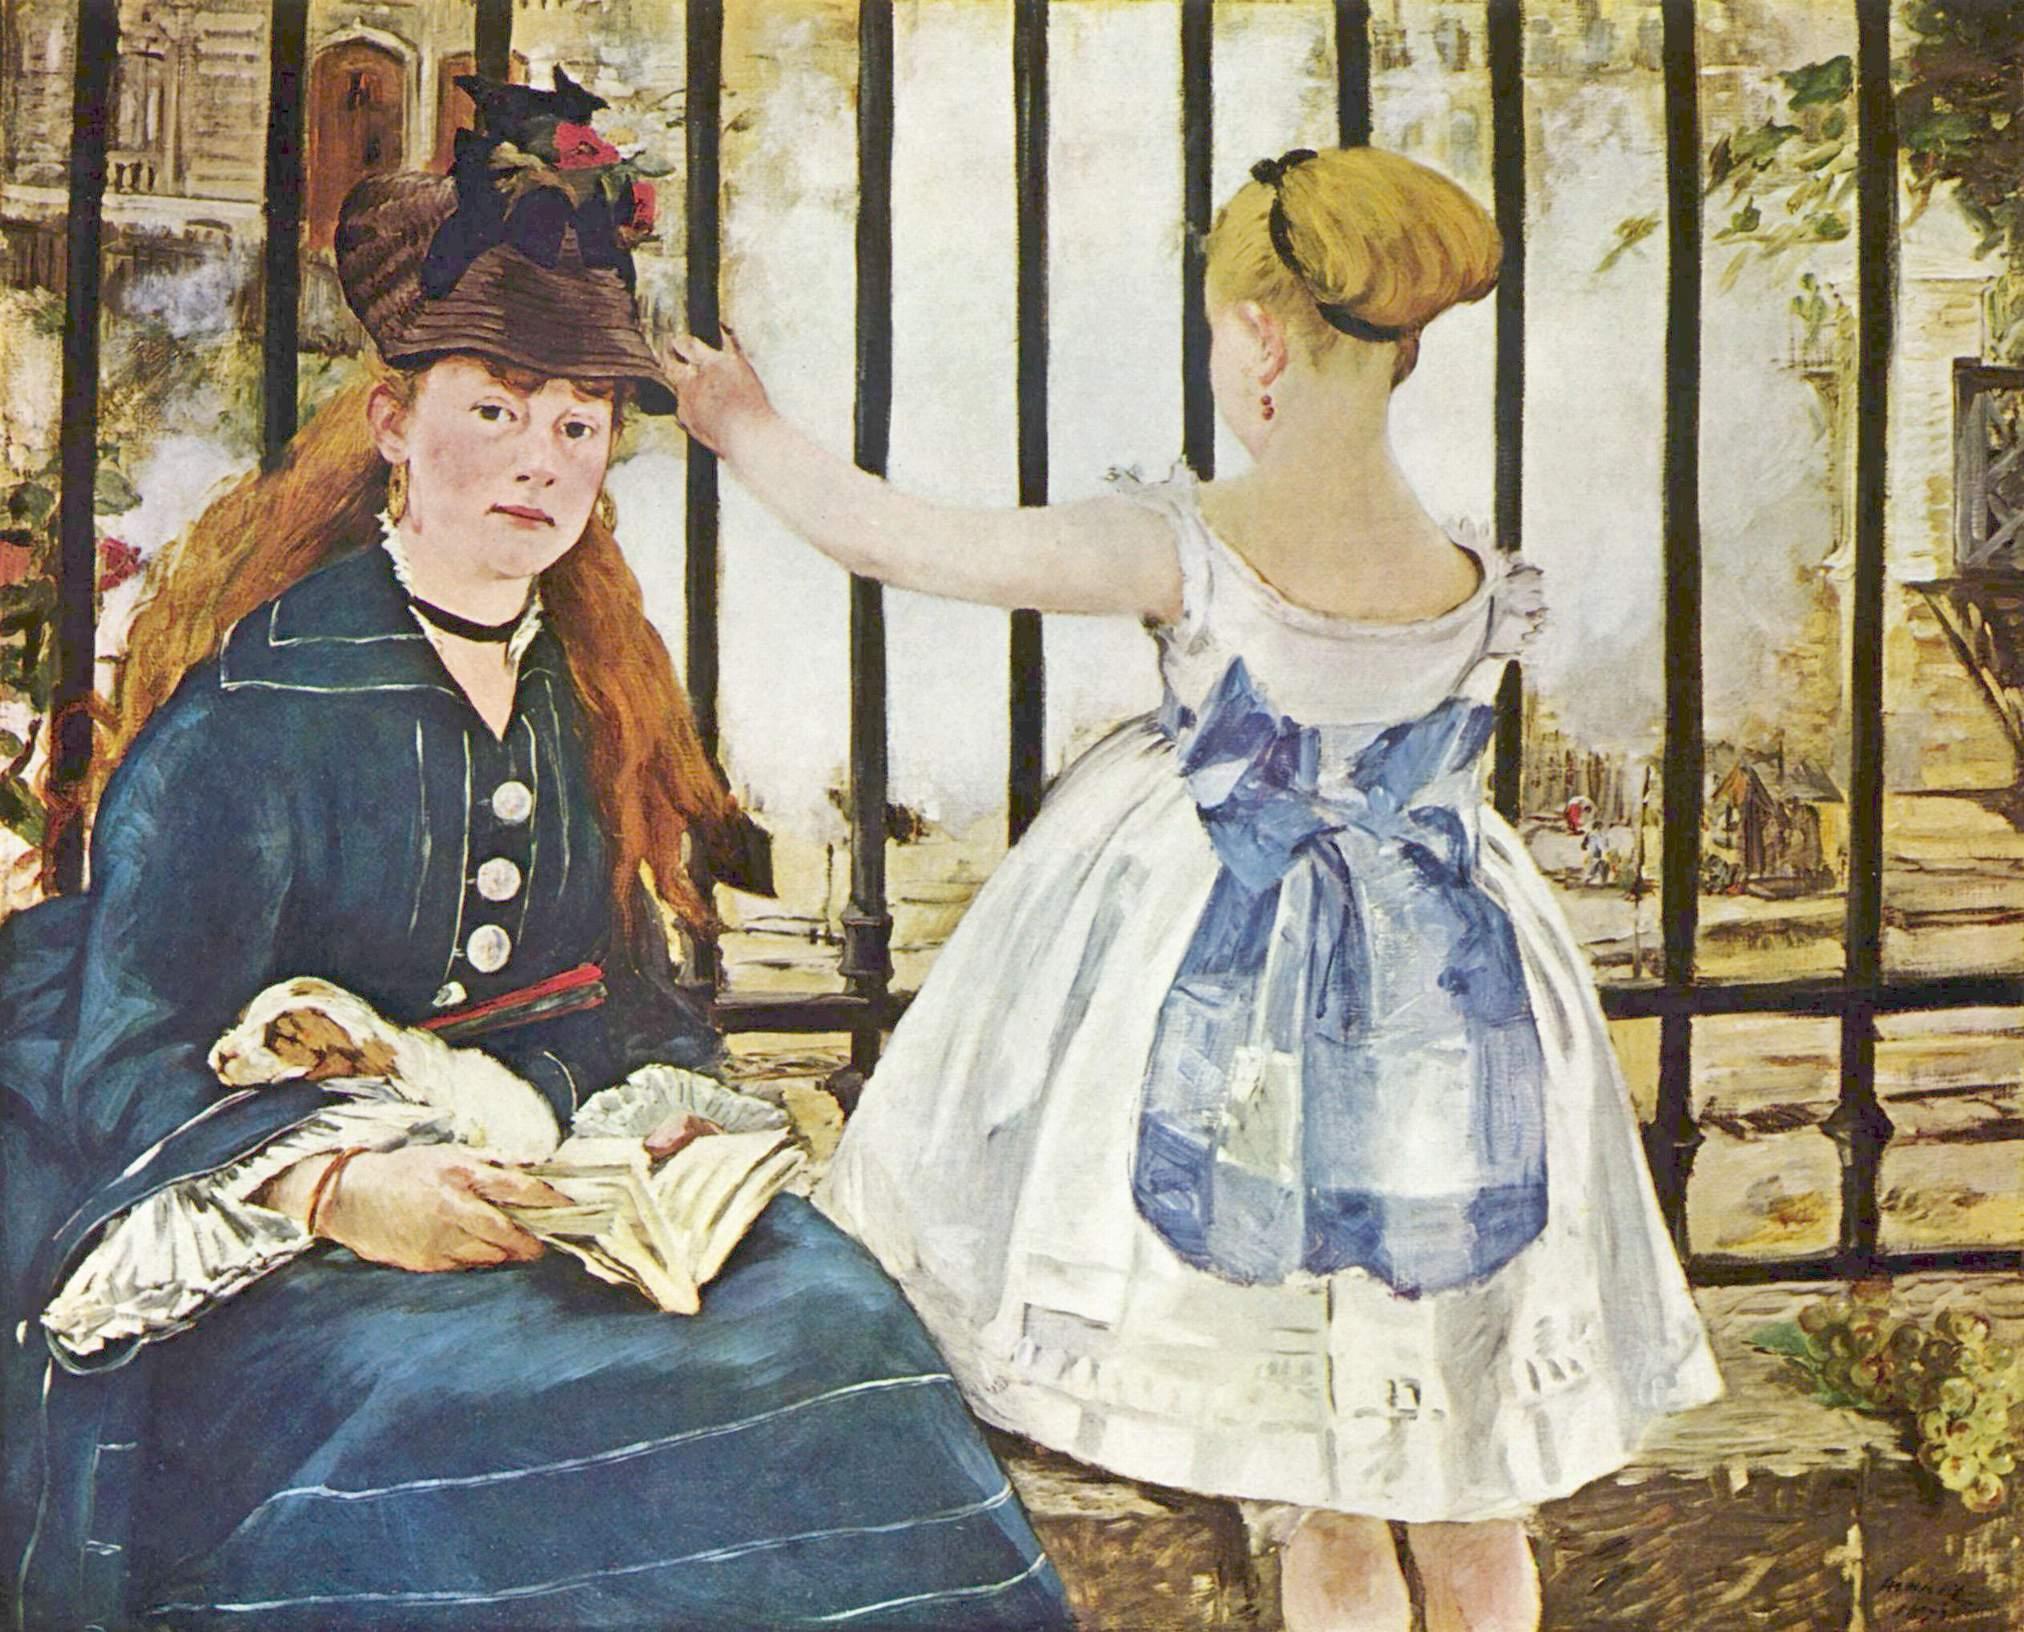 Edouard Manet. Le Chemin de fer, 1872.